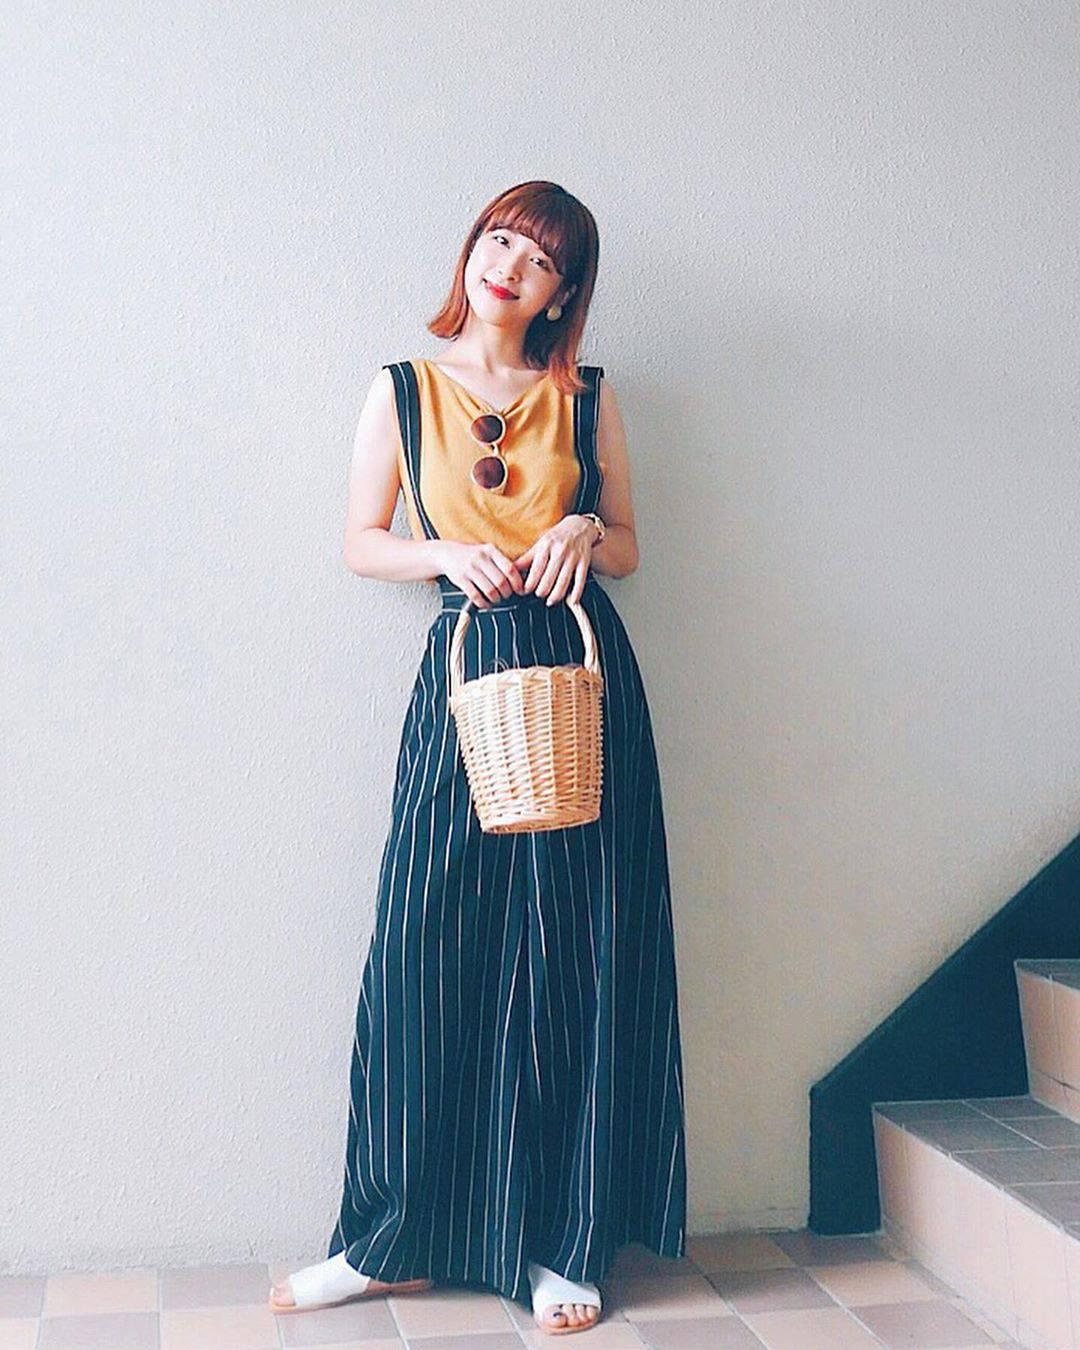 最高気温31度・最低気温23度 natsu_outfitsの服装